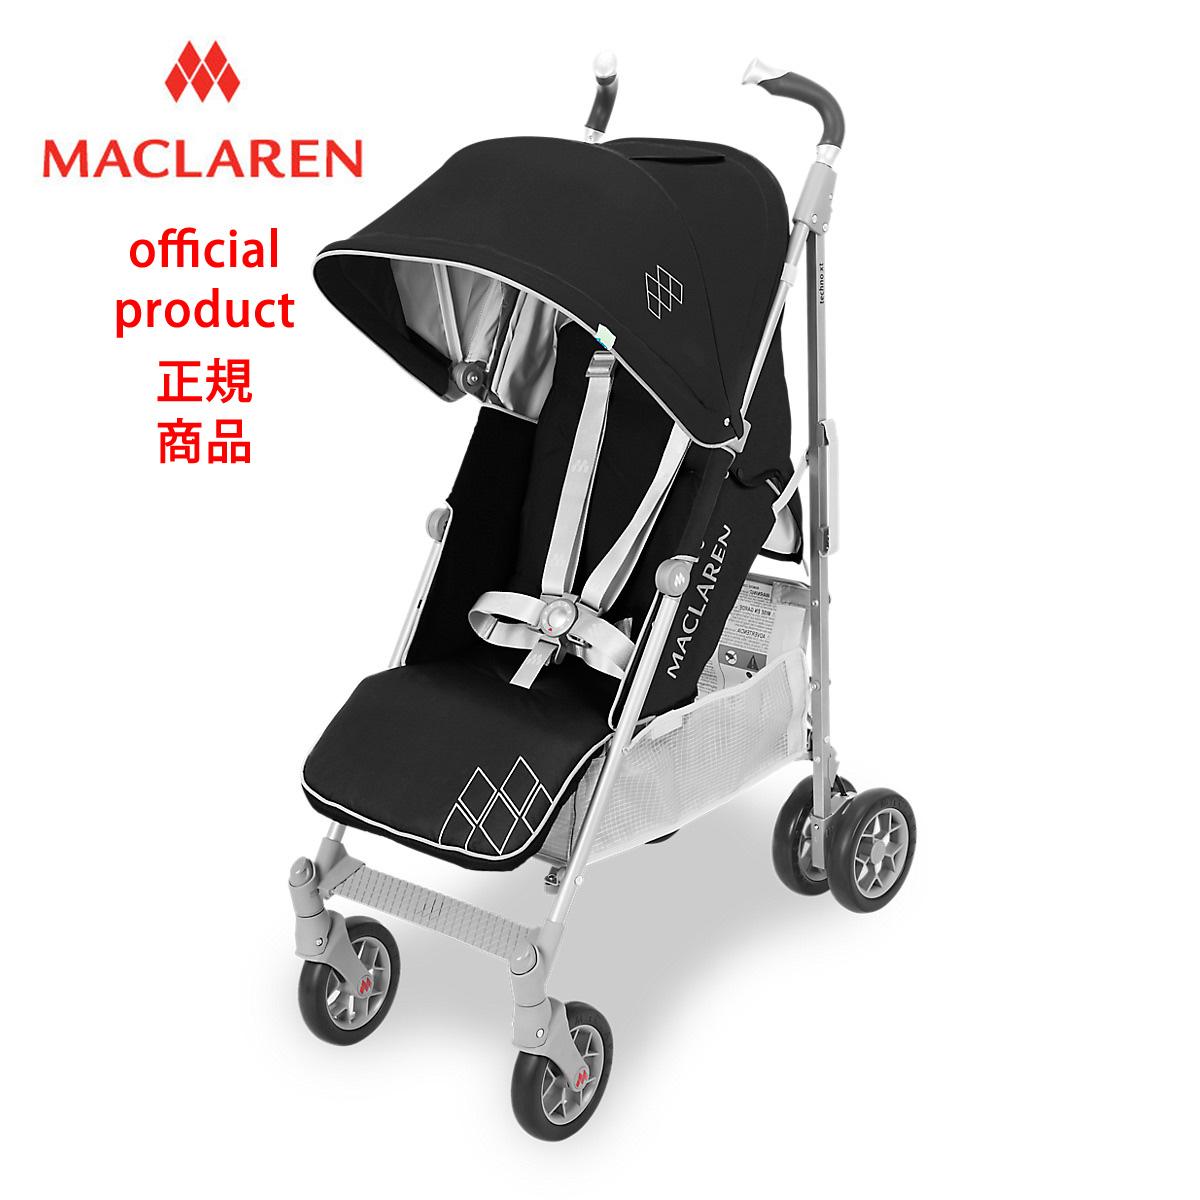 マクラーレンテクノXT_MaclarenTechnoXT